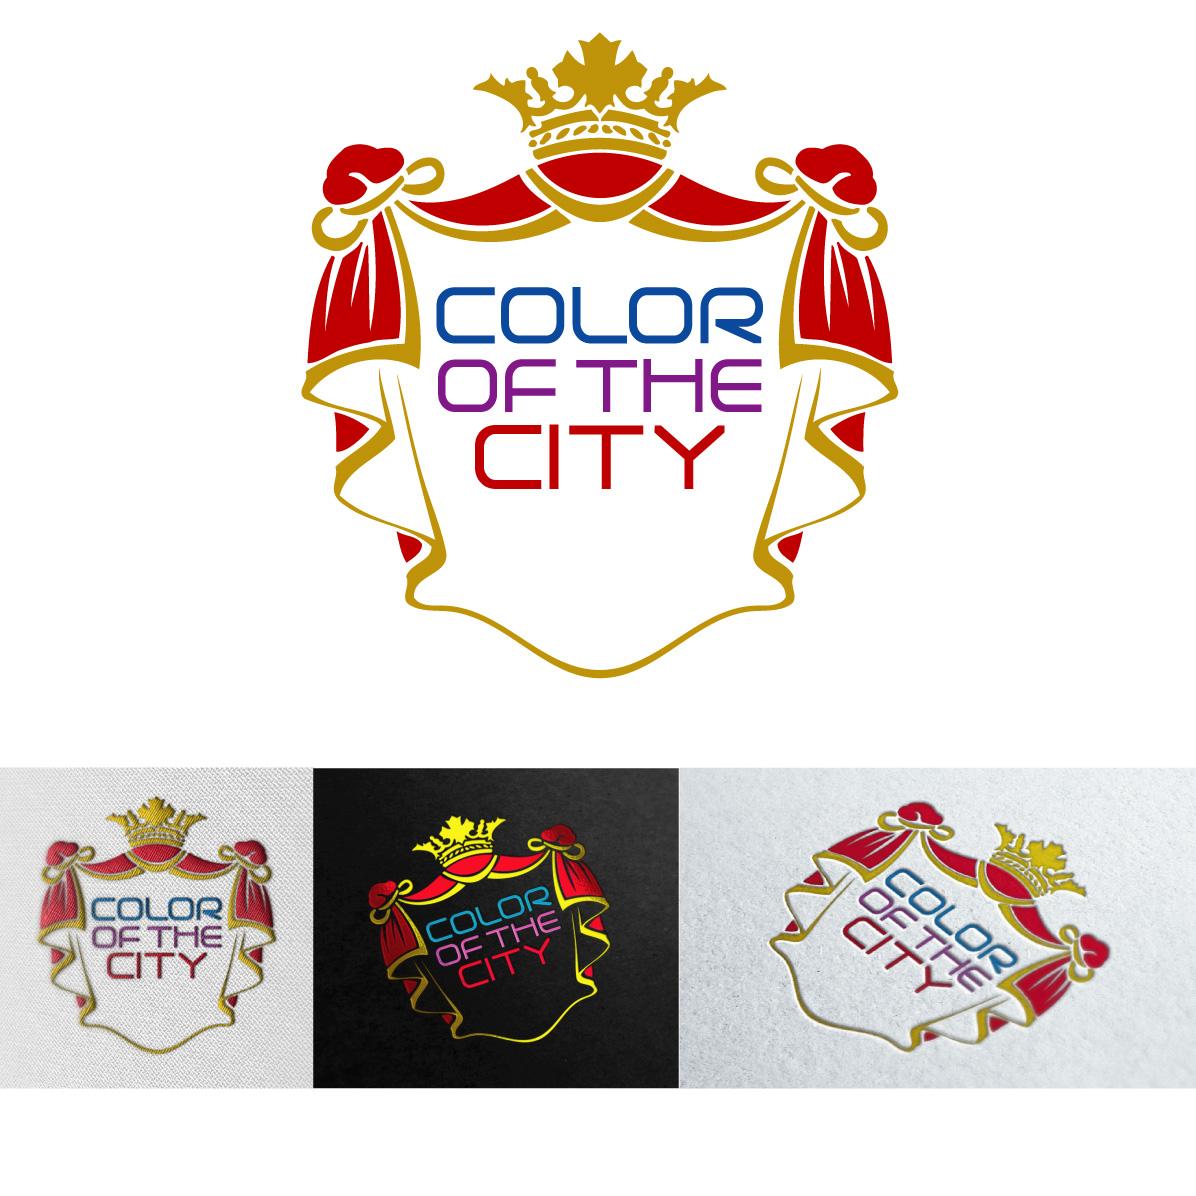 Необходим логотип для сети мини-гостиниц фото f_77551a77adb15fc1.jpg